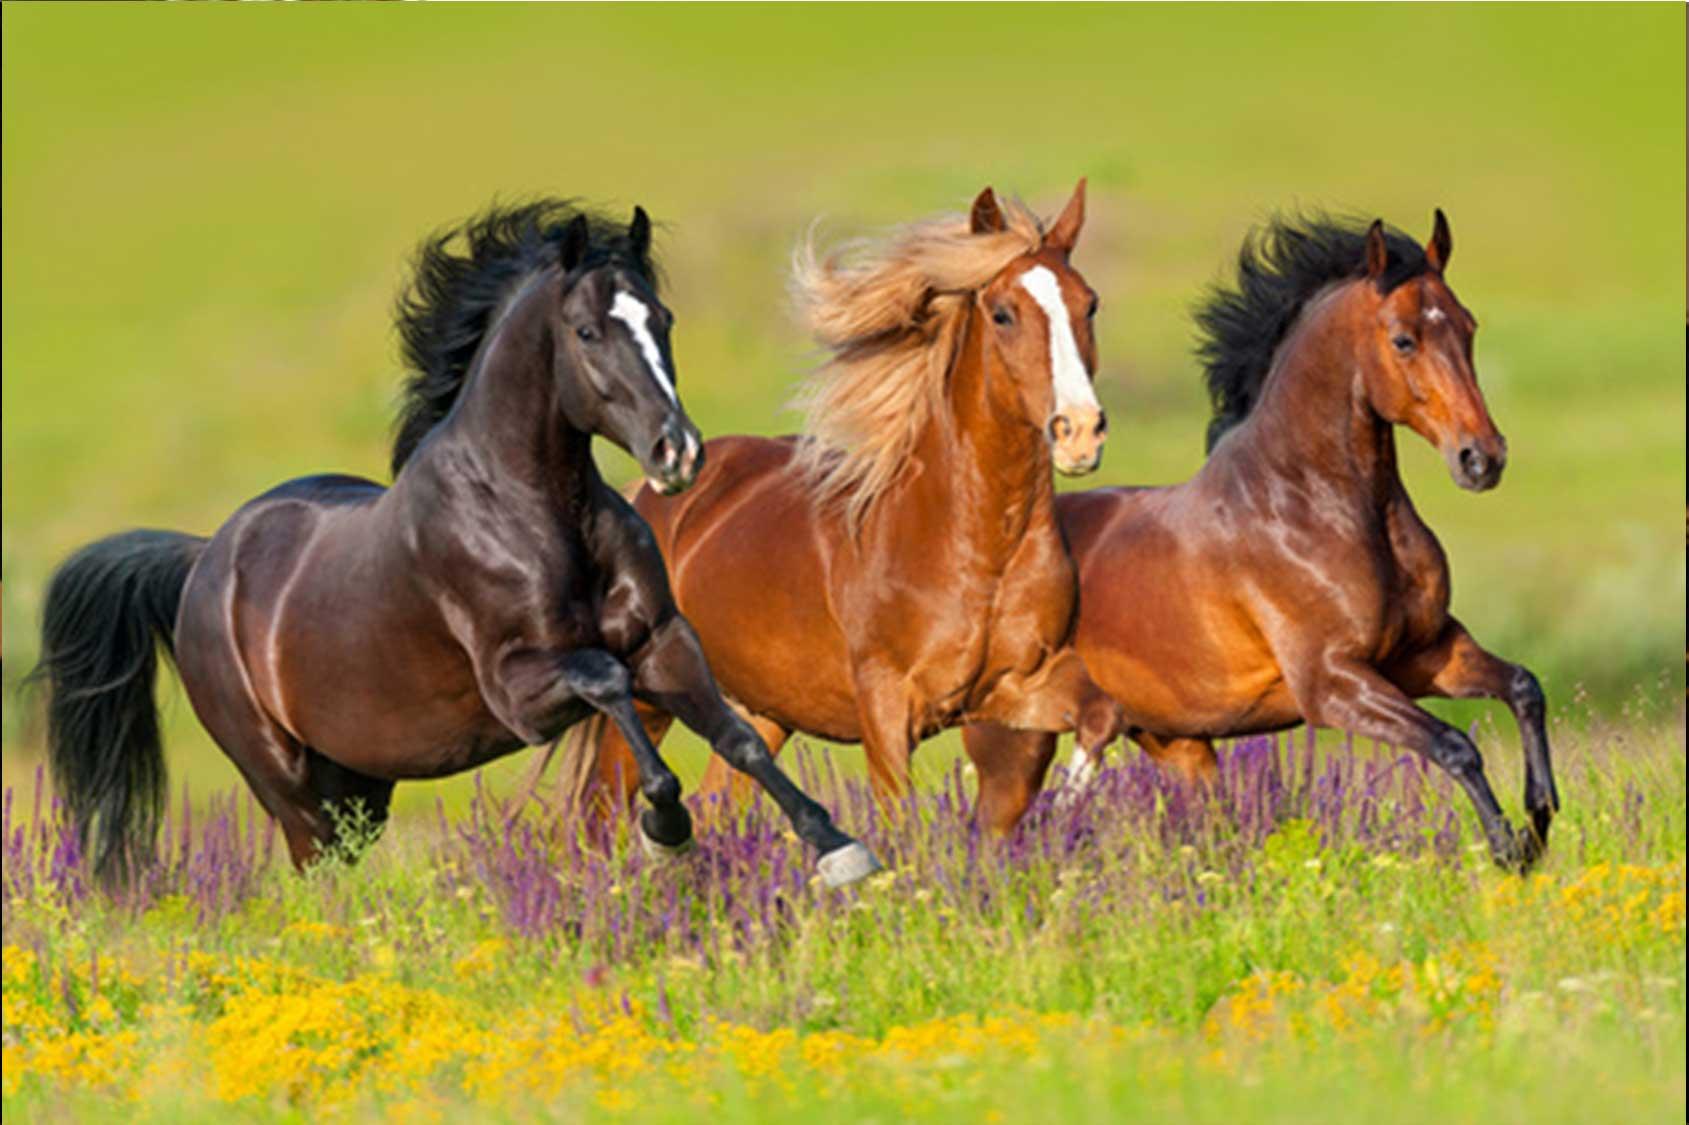 Vorhand der Pferde, Galopp, Alte Meister, , Antoine de la Baume Pluvinel, François Robichon de La Guérinière, François Baucher, Nuno Oliveira